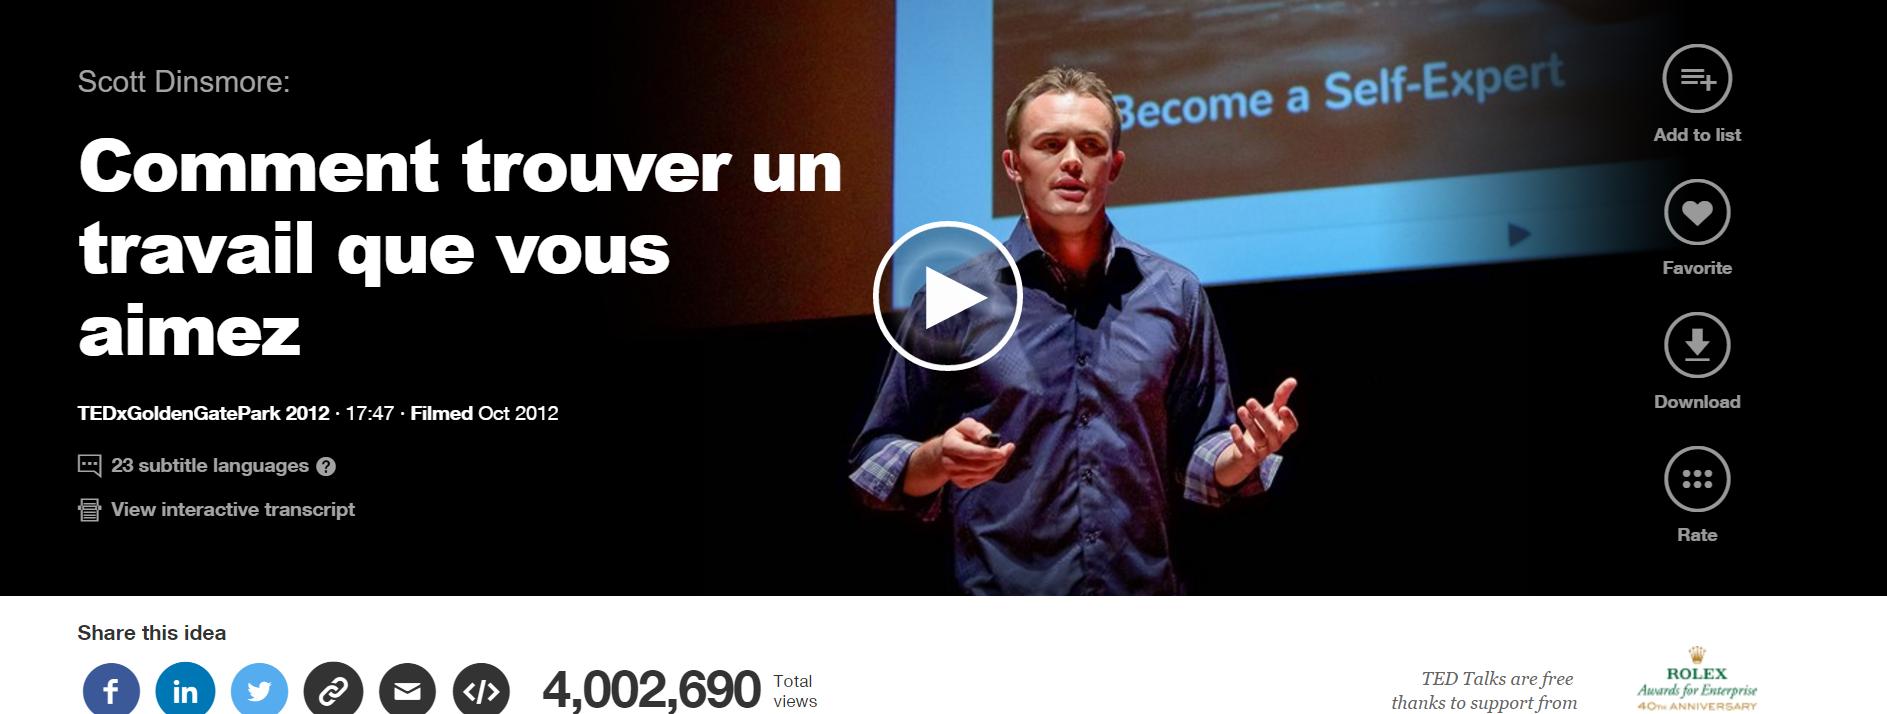 TedX Scott Dinsmore